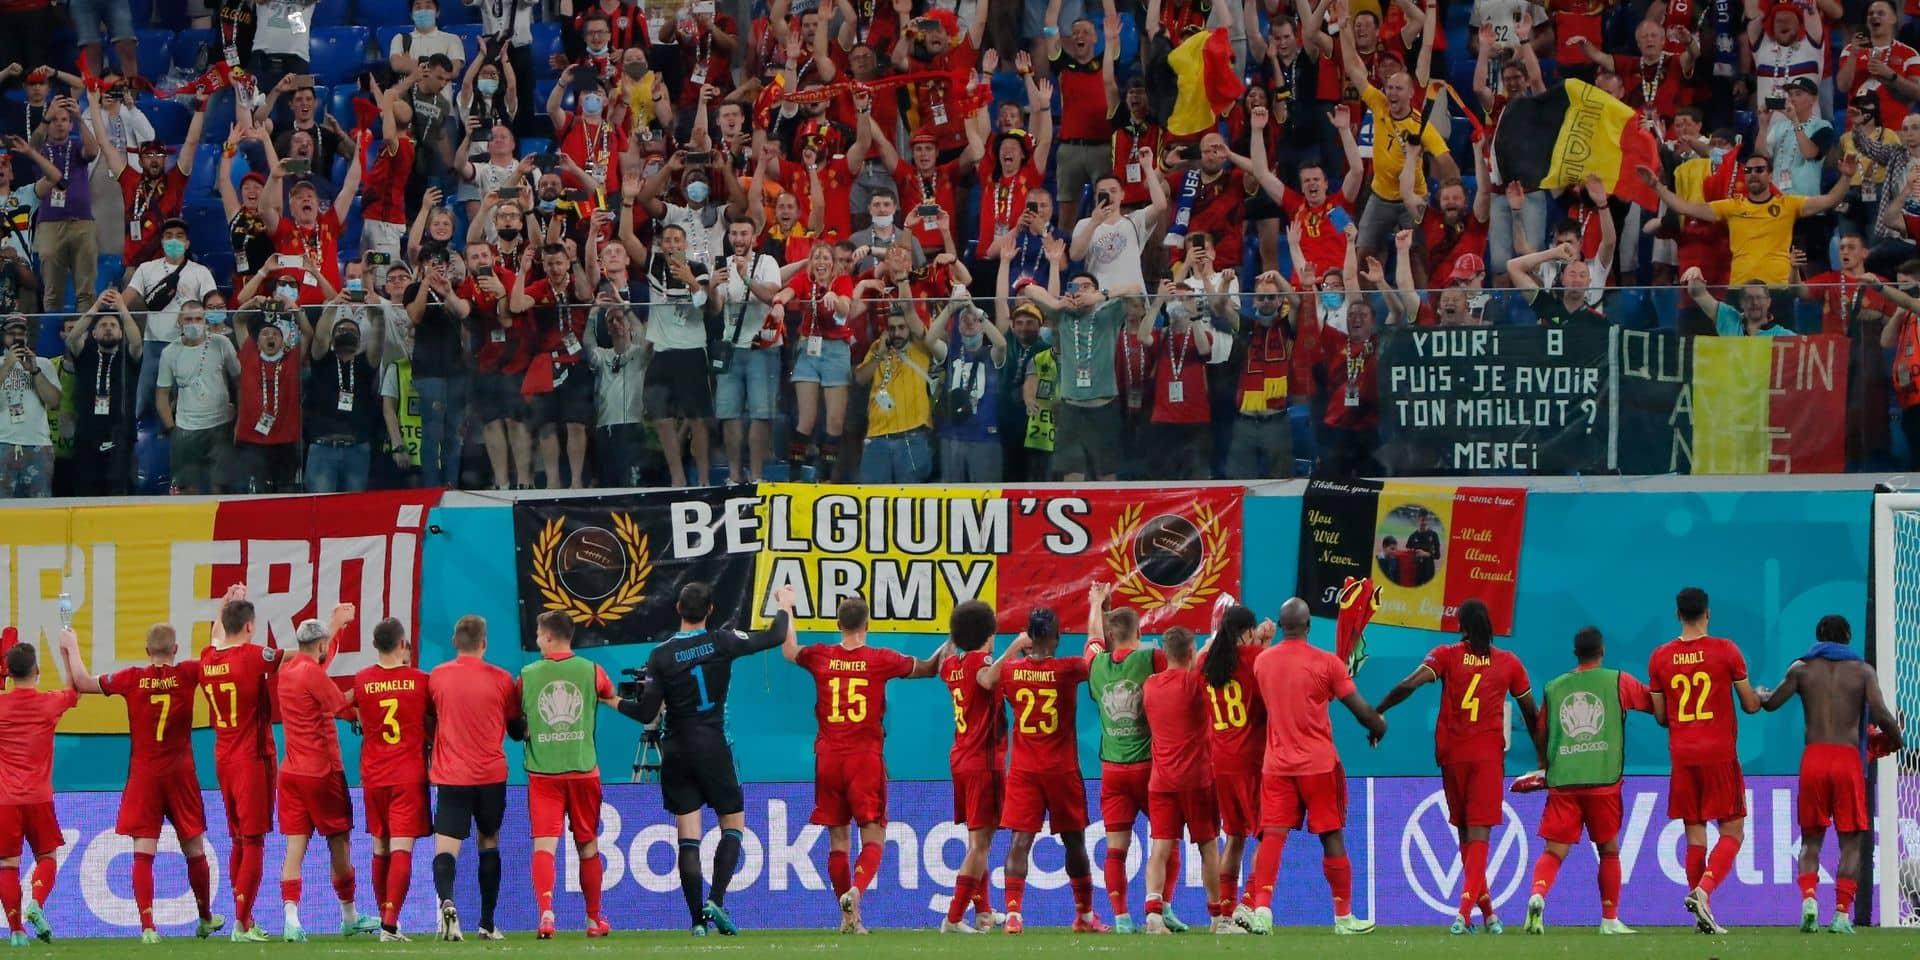 """""""C'est irresponsable"""", """"ce n'est pas stratégique"""": la décision de l'UEFA de maintenir le quart de finale à Saint-Pétersbourg inquiète en Belgique"""